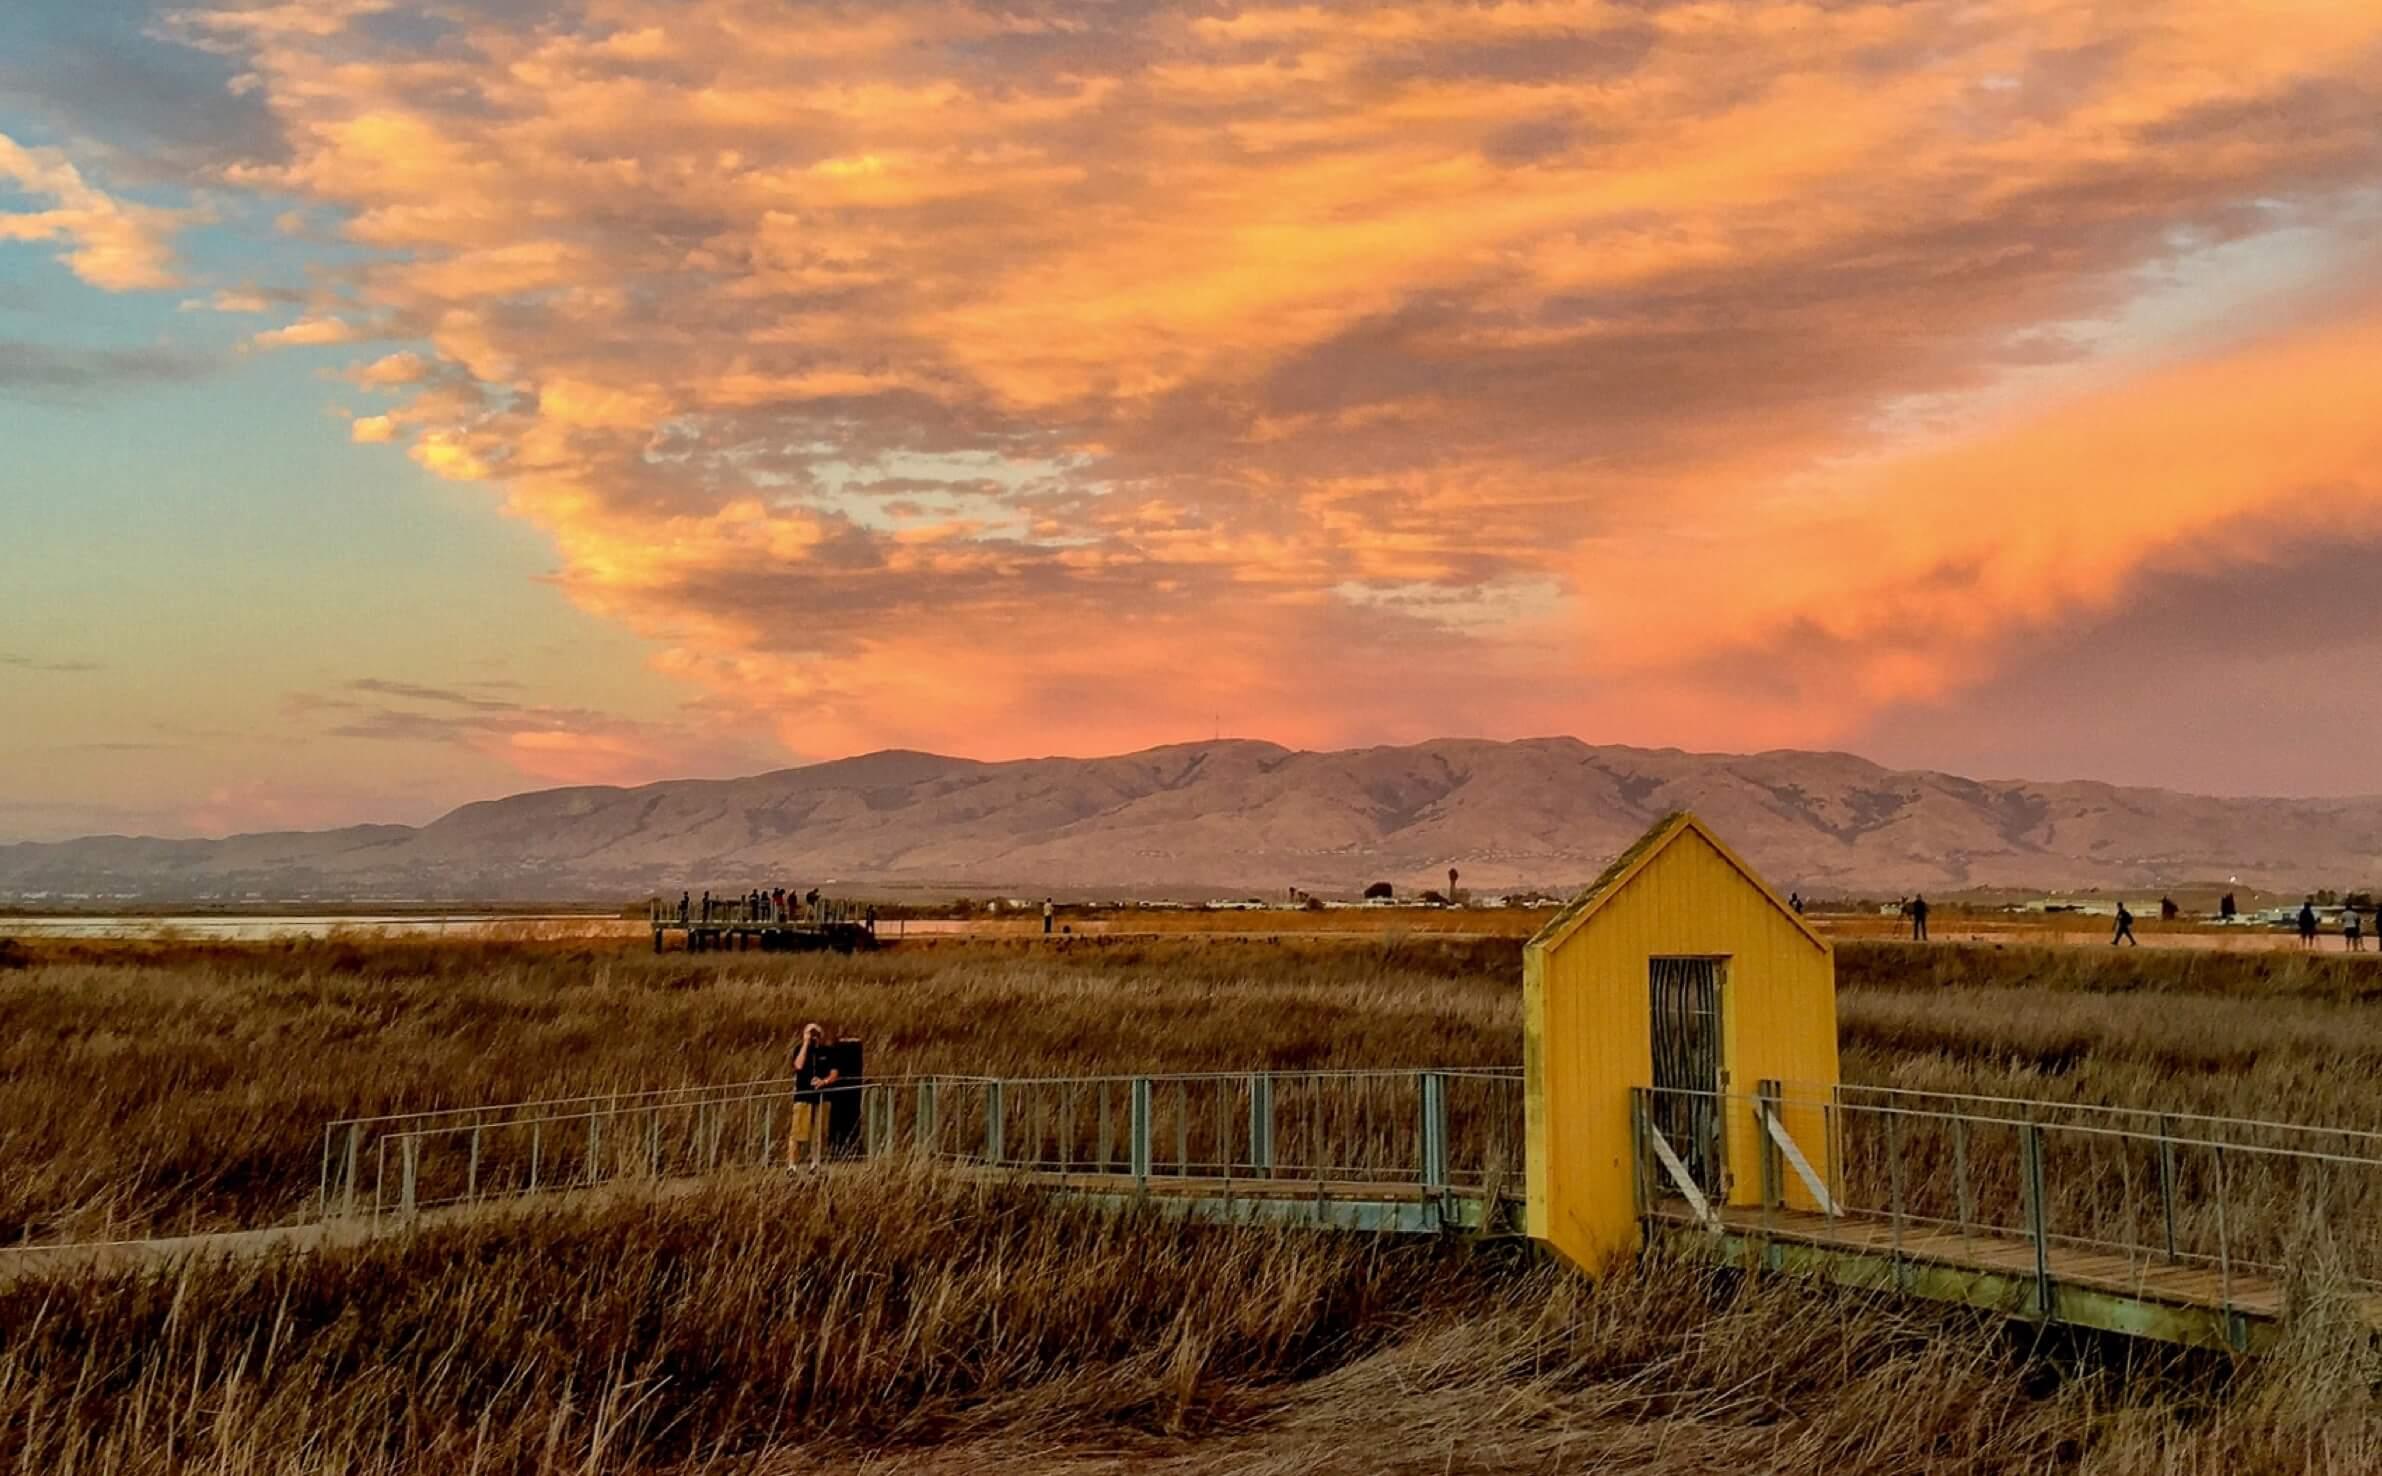 Sunset at Alviso Marina County Park